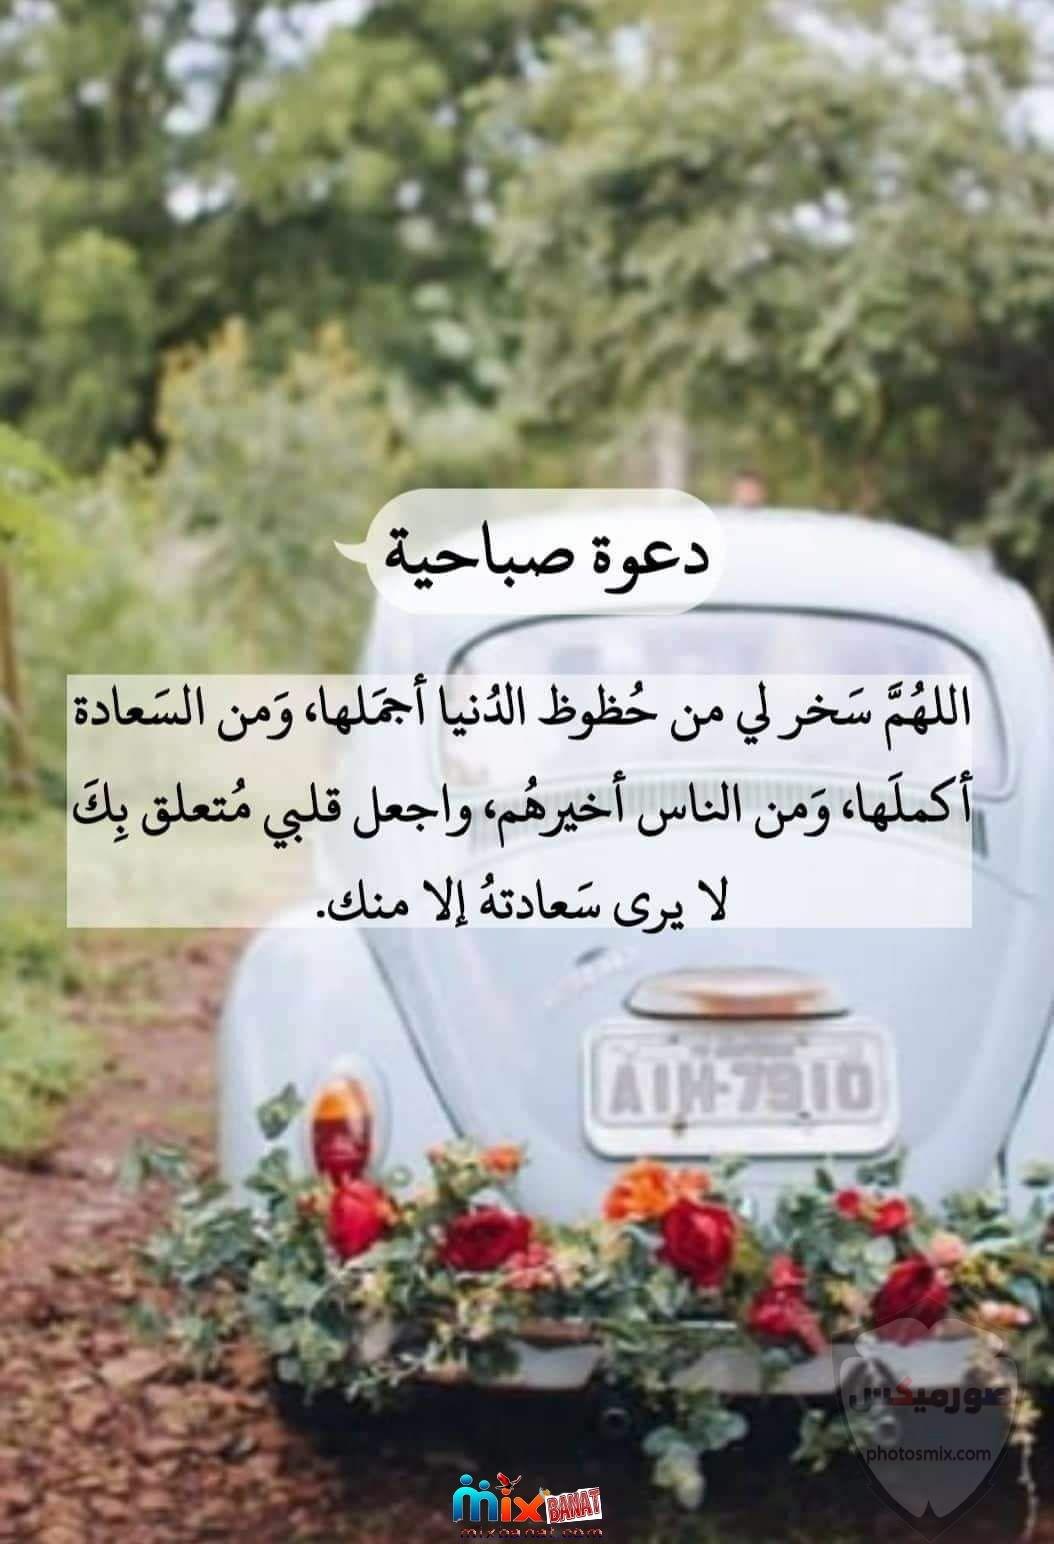 صور ليوم الجمعه صور ادعية ليوم الجمعه 2